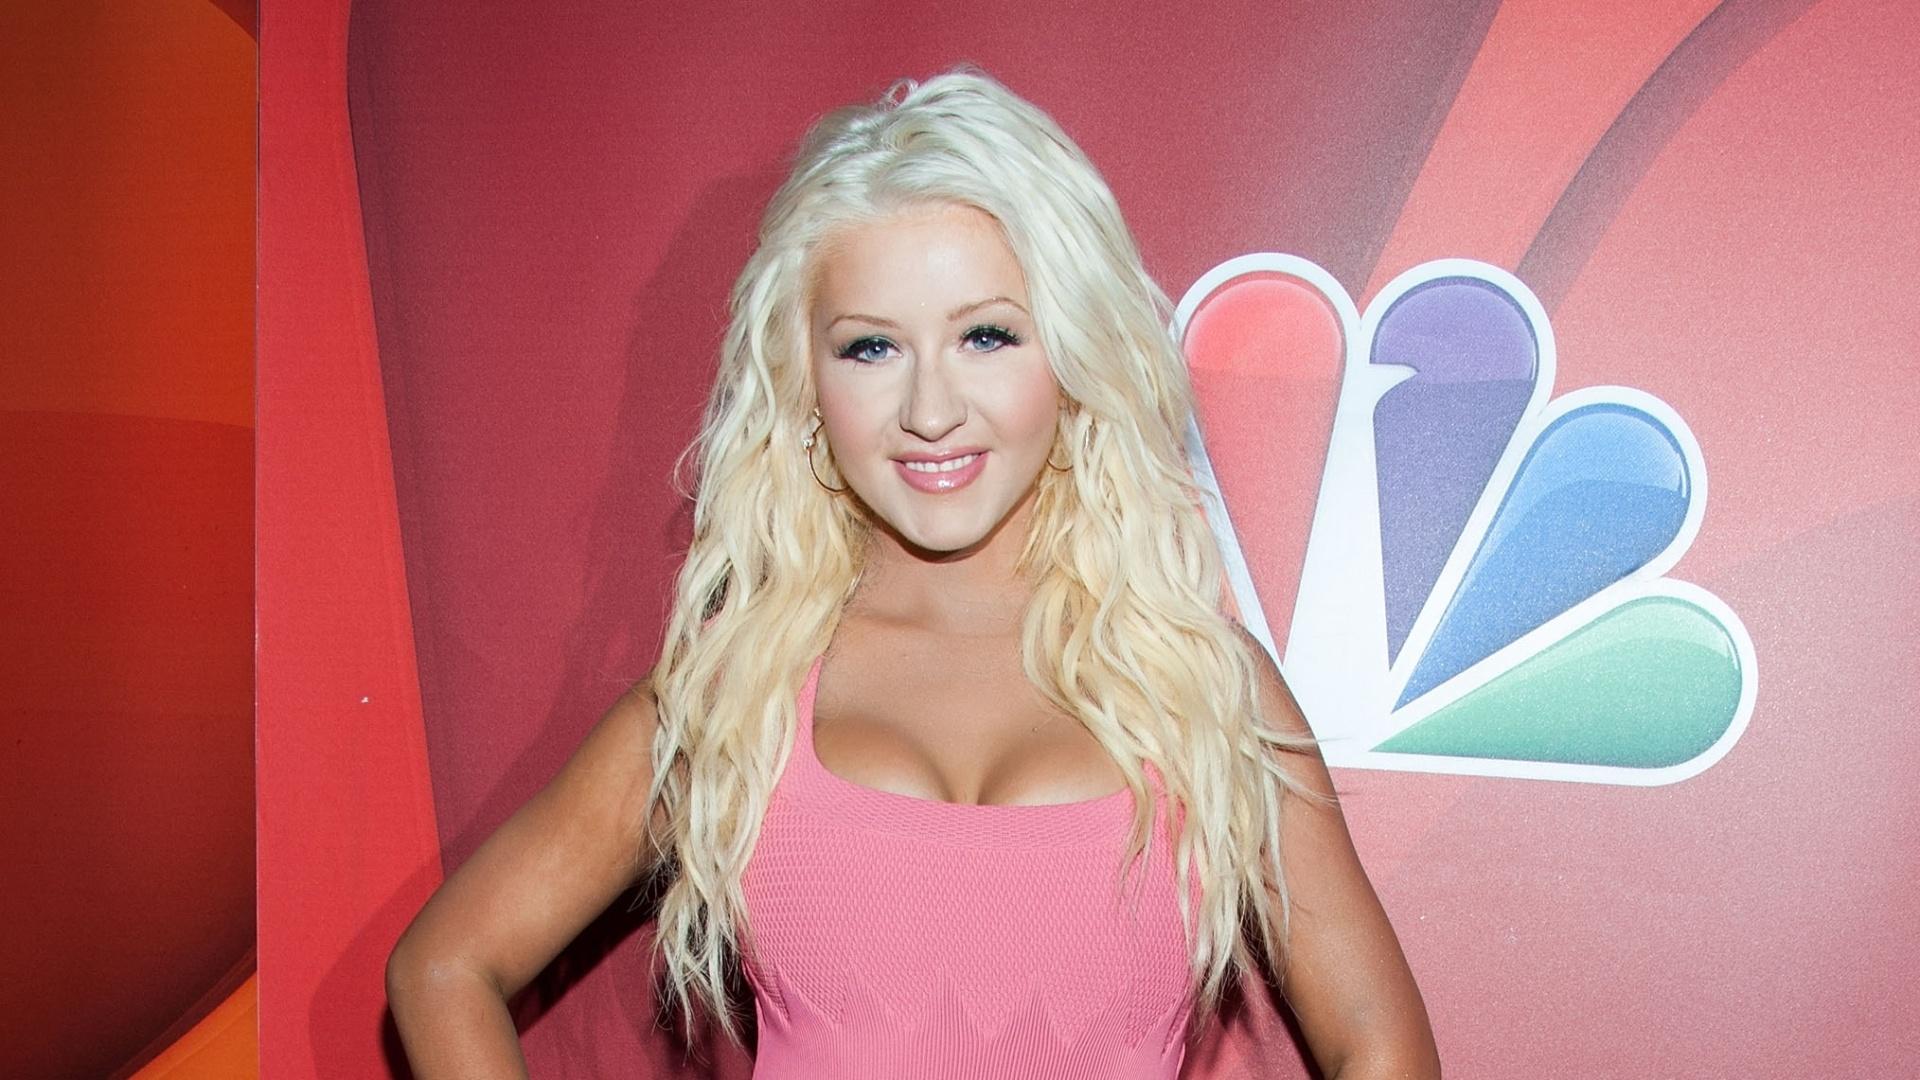 27.jul.2013 - Christina Aguilera aparece cerca de 10 kg mais magra em evento do reality